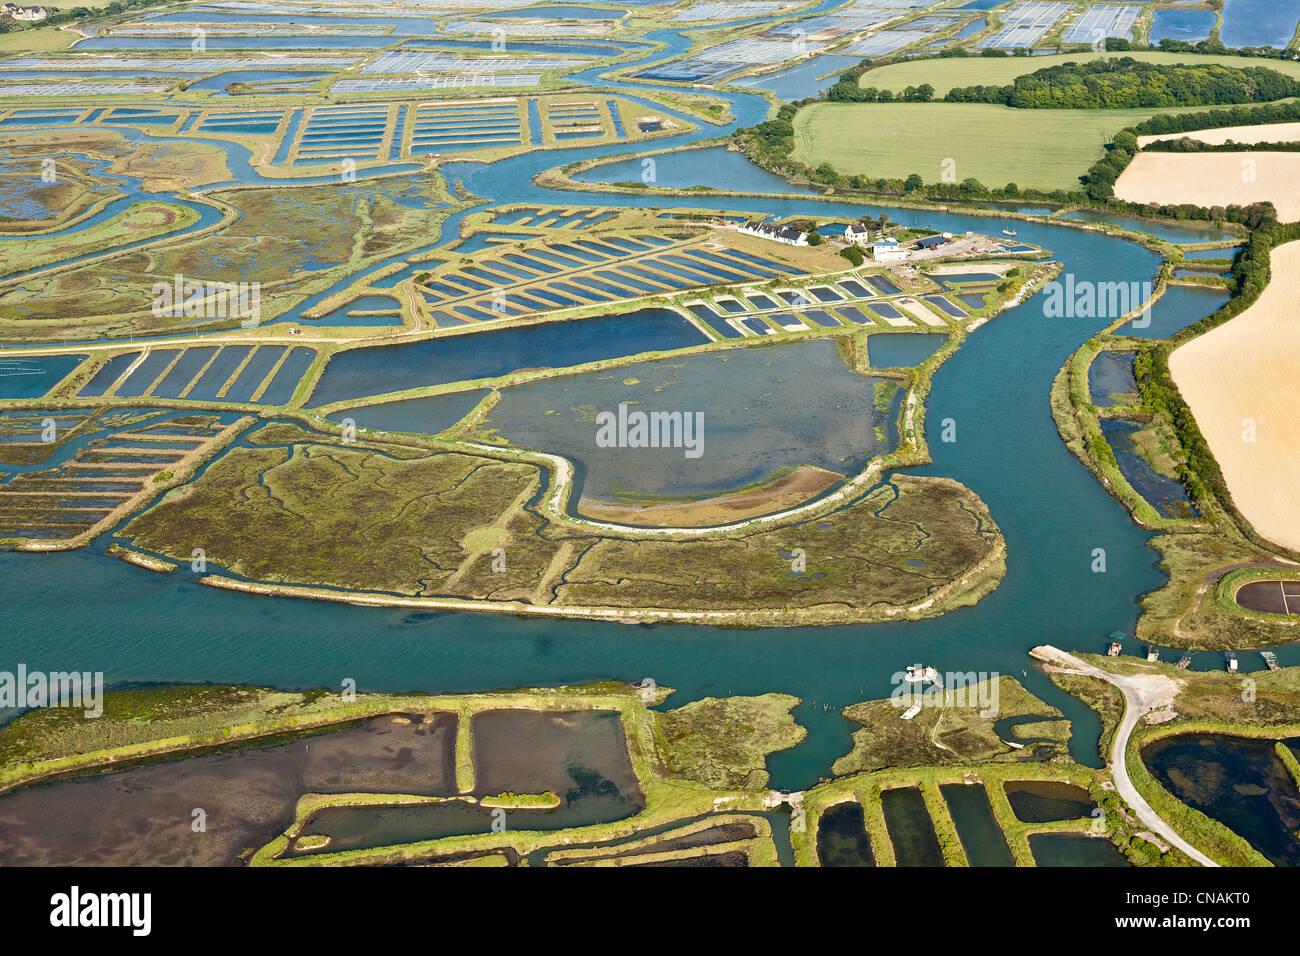 France, Loire-Atlantique, Assérac, Bassin du Mès saltworks (aerial photography) - Stock Image